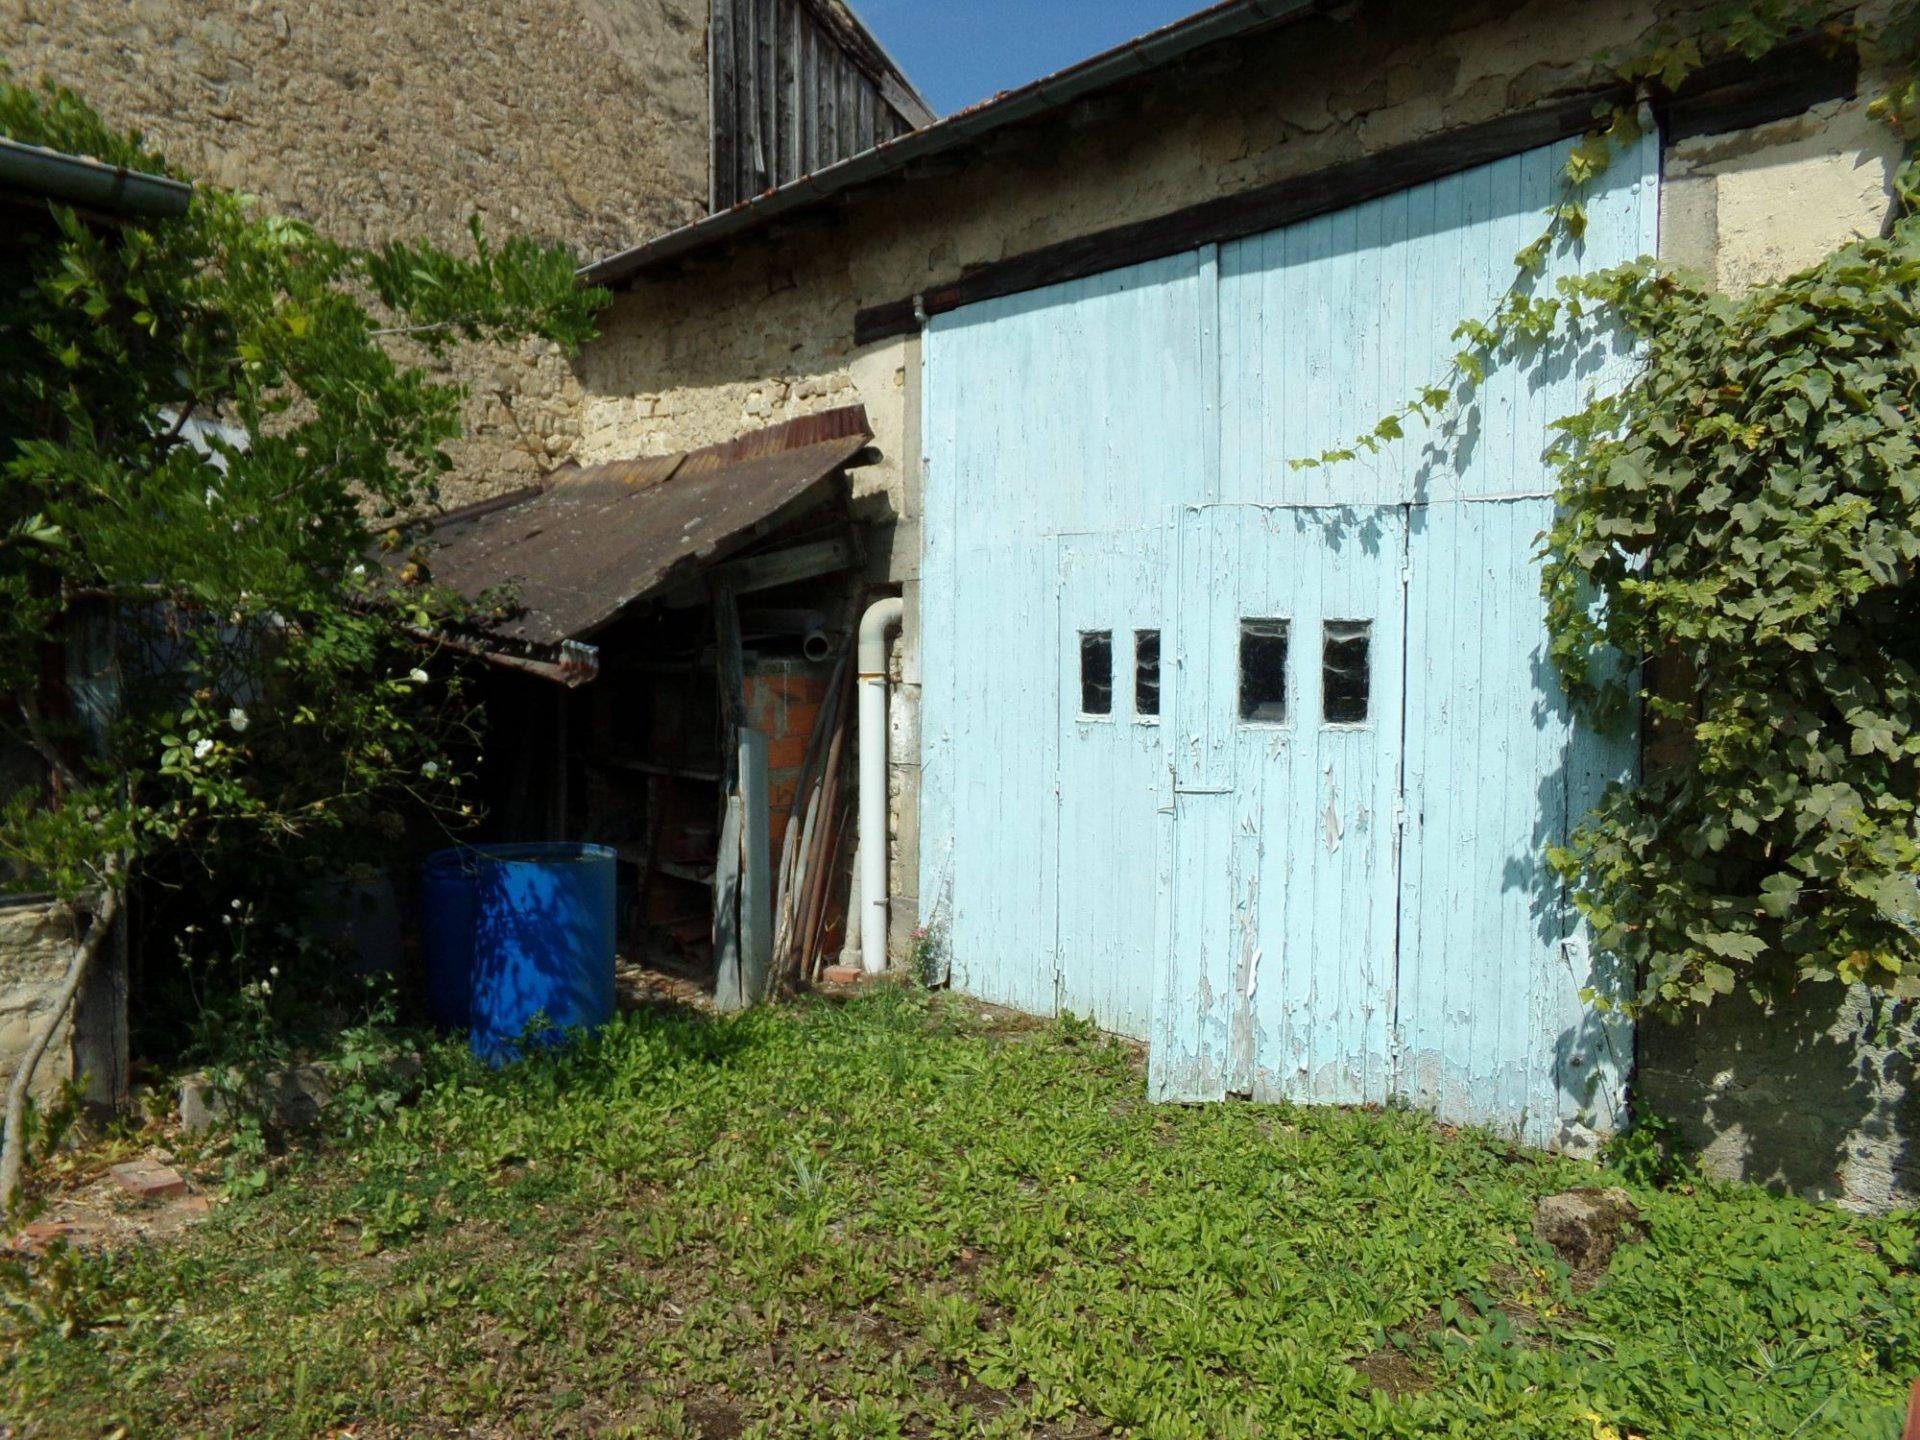 Maison de village a renover.